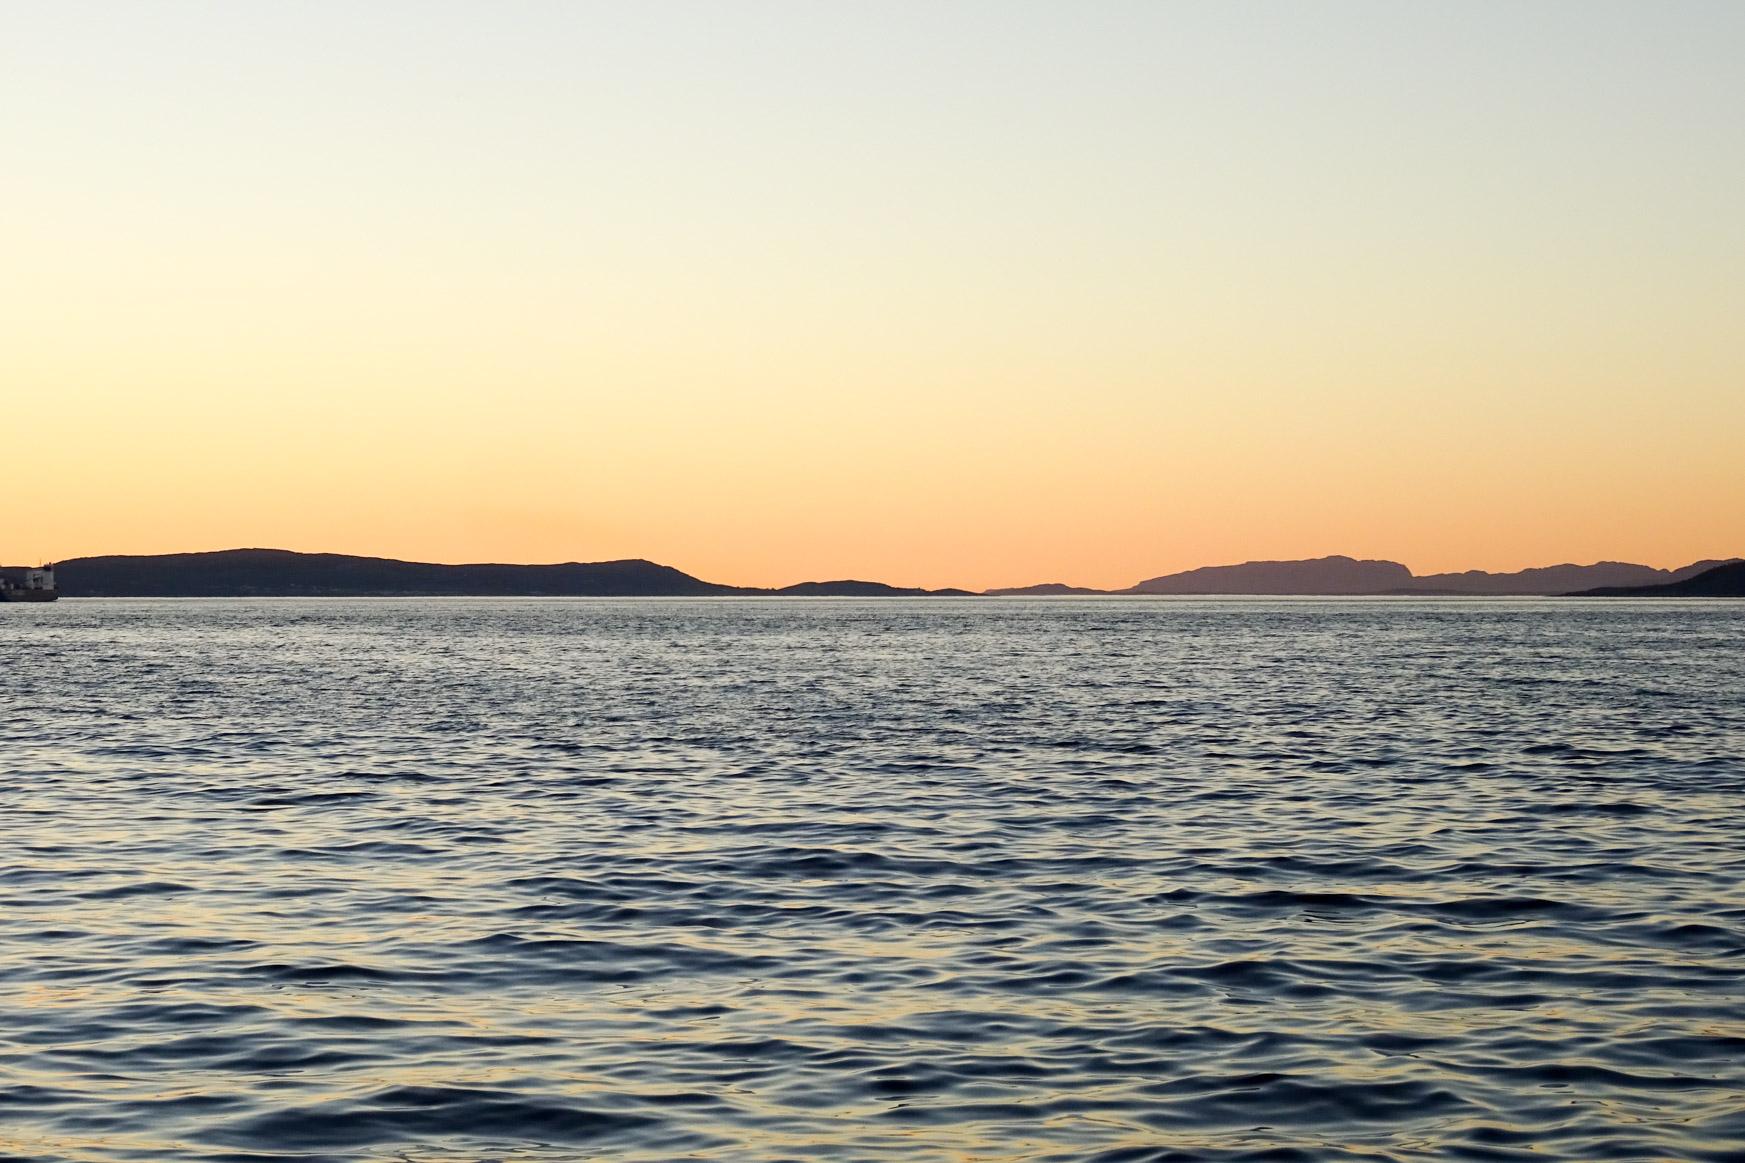 Sonnenuntergang im Trondheimsfjord